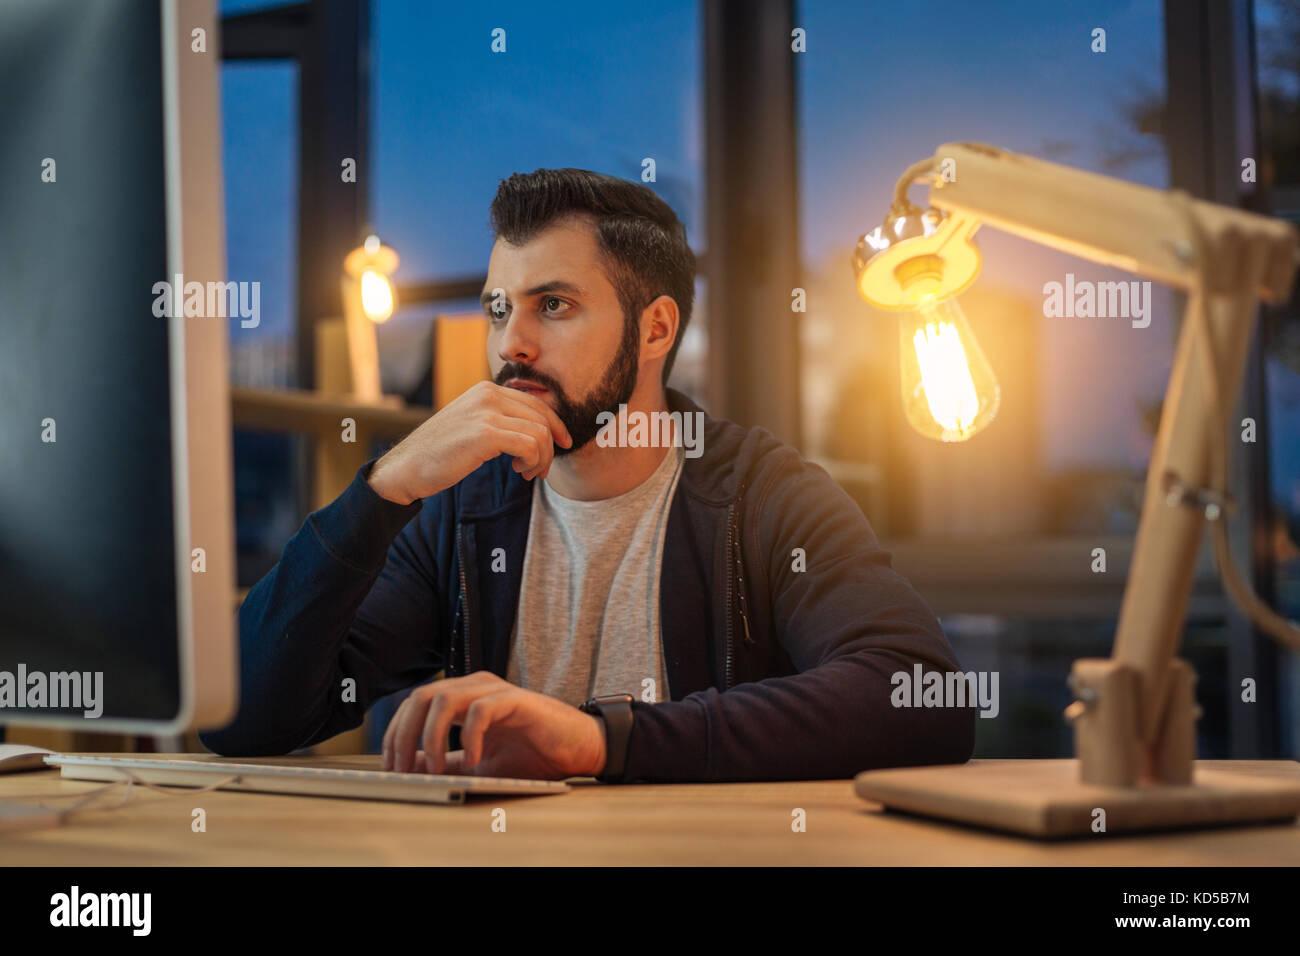 Employé de bureau attentif fait son travail Photo Stock